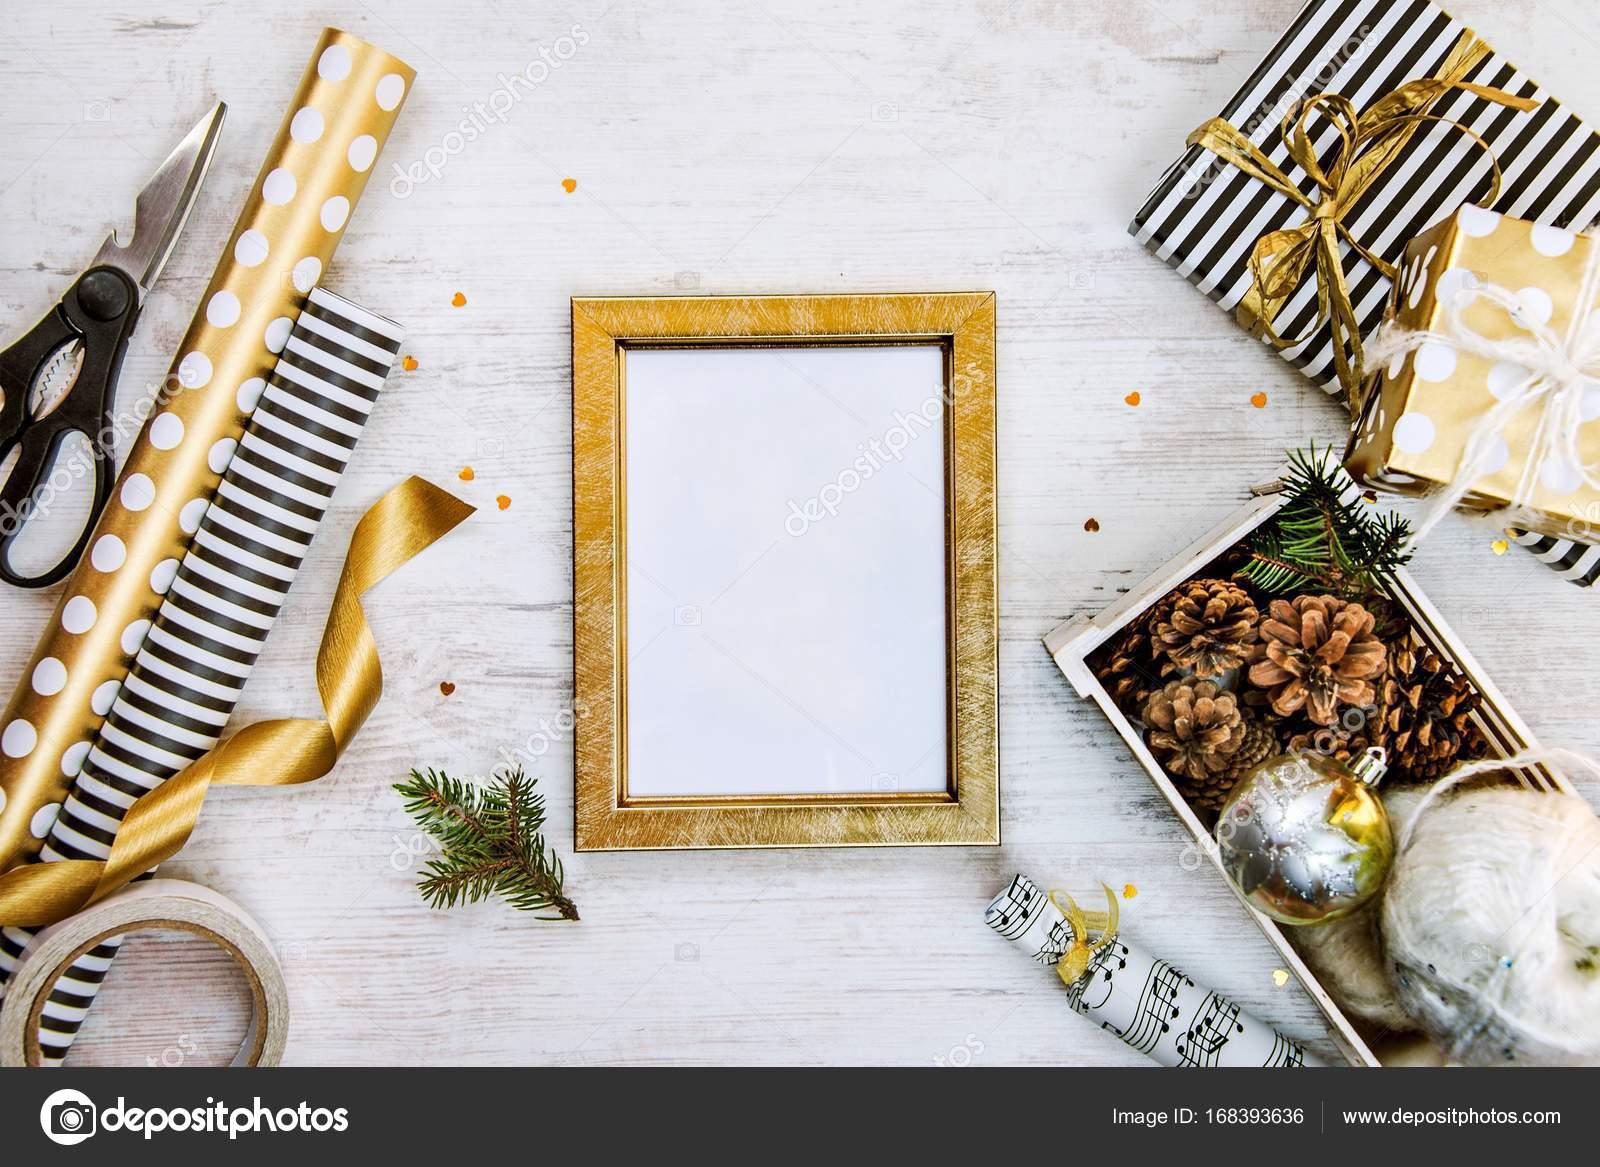 Golden Ptoto Rahmen, Geschenk-Boxen, eine Kiste voll von ...